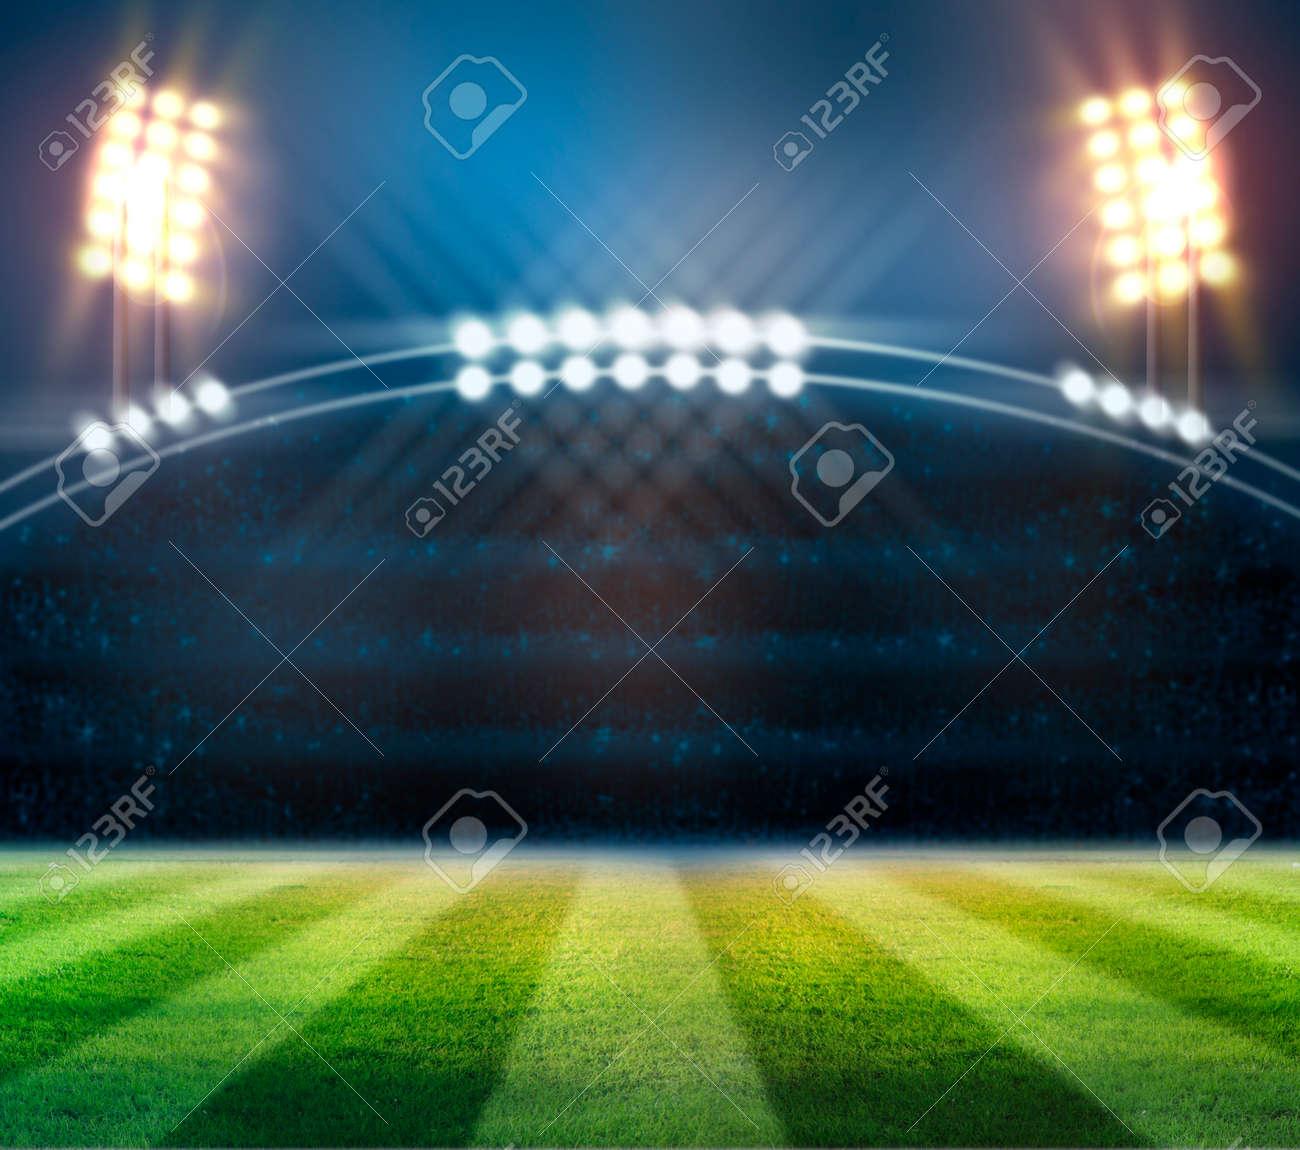 lights at night and stadium - 47059580